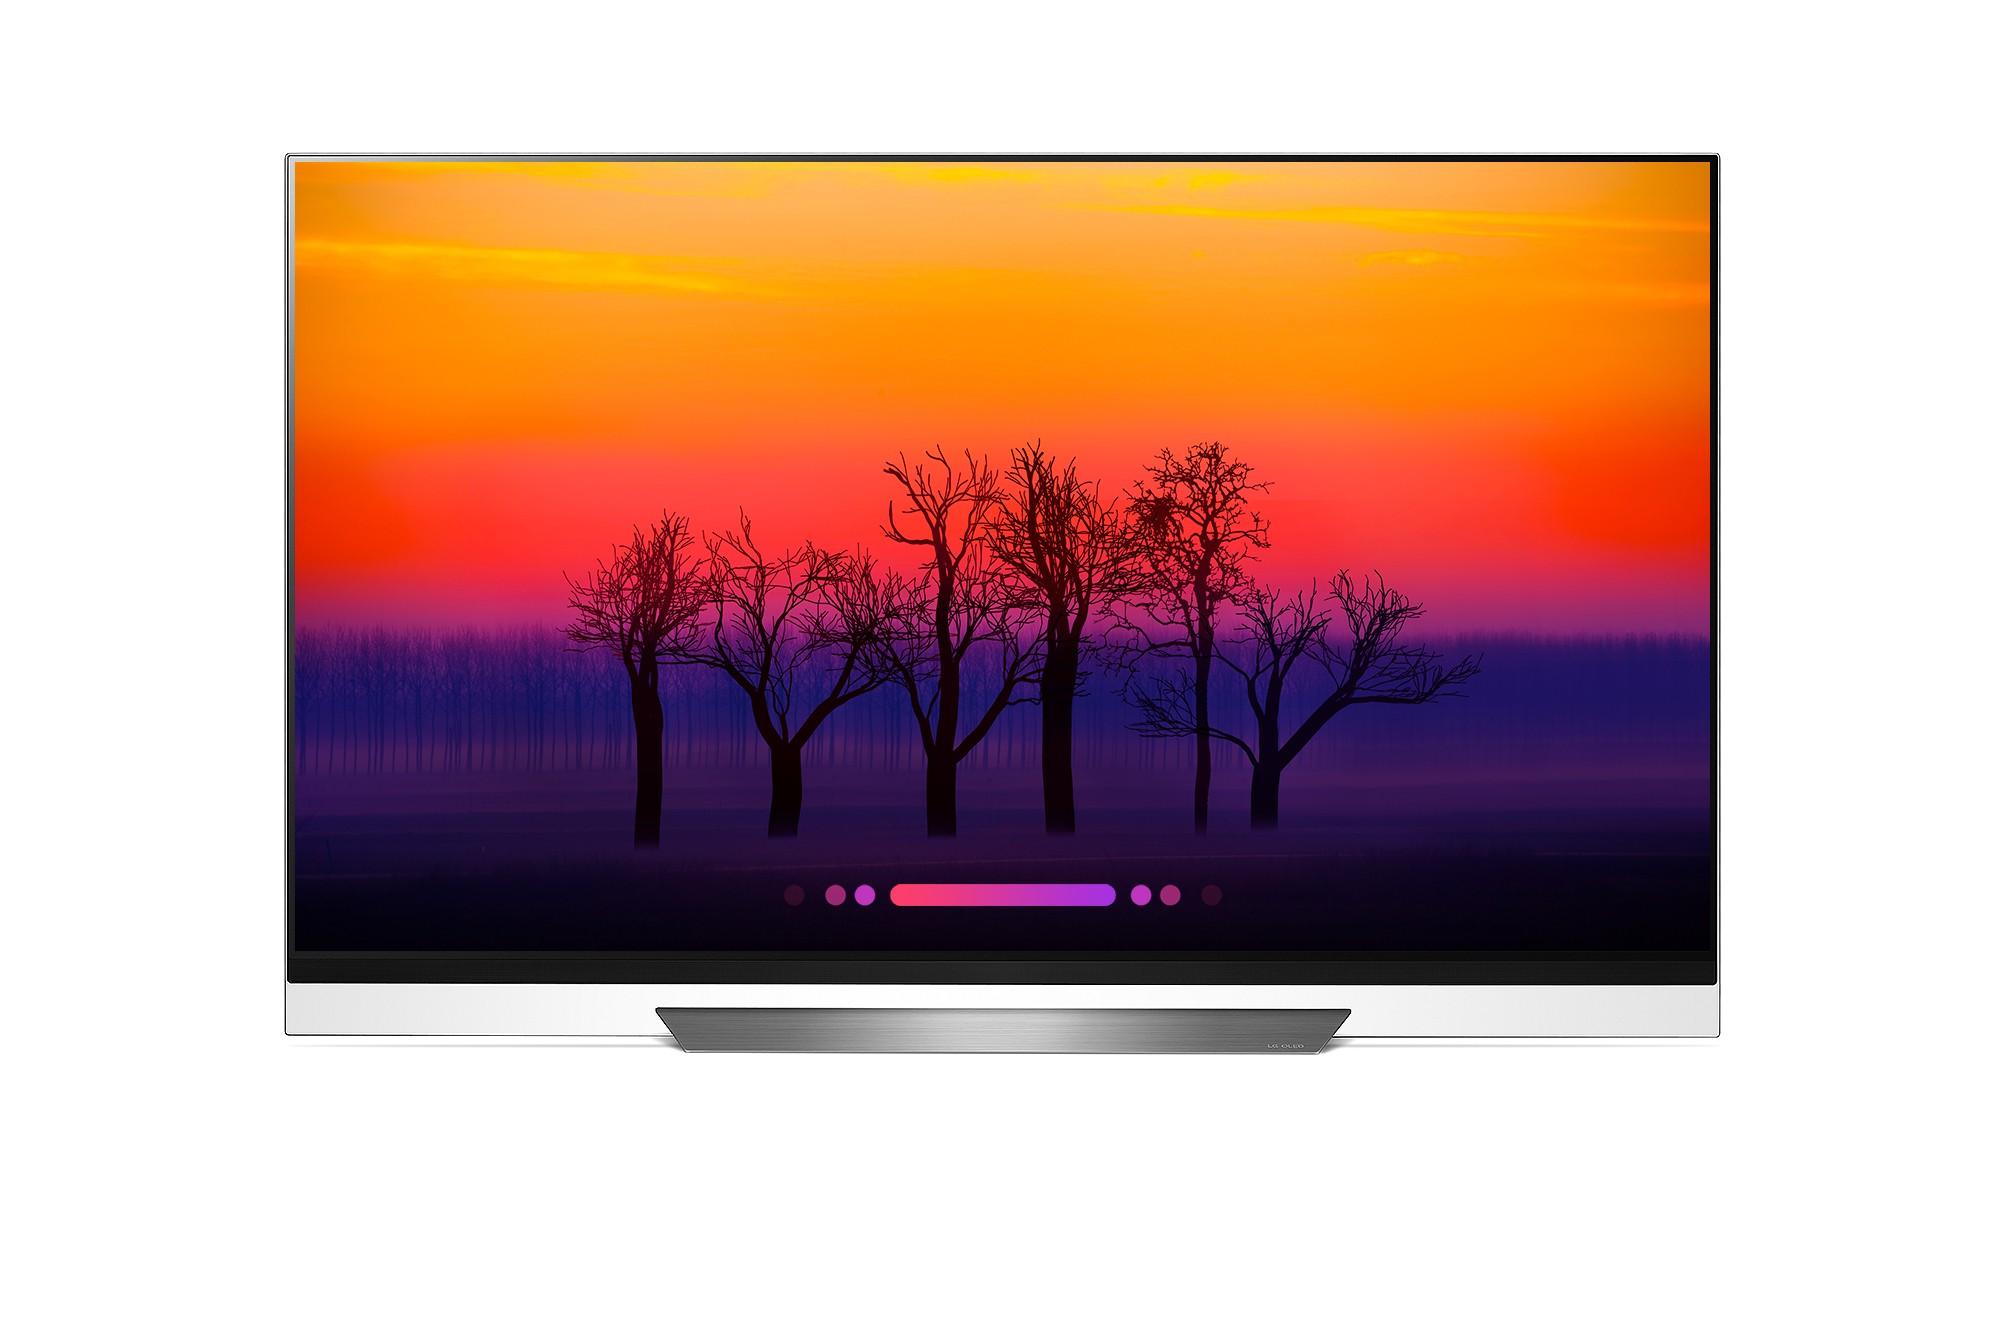 الجی از تلویزیونهای پیشرفته 2018 خود مجهز به هوش مصنوعی پرده برداری کرد